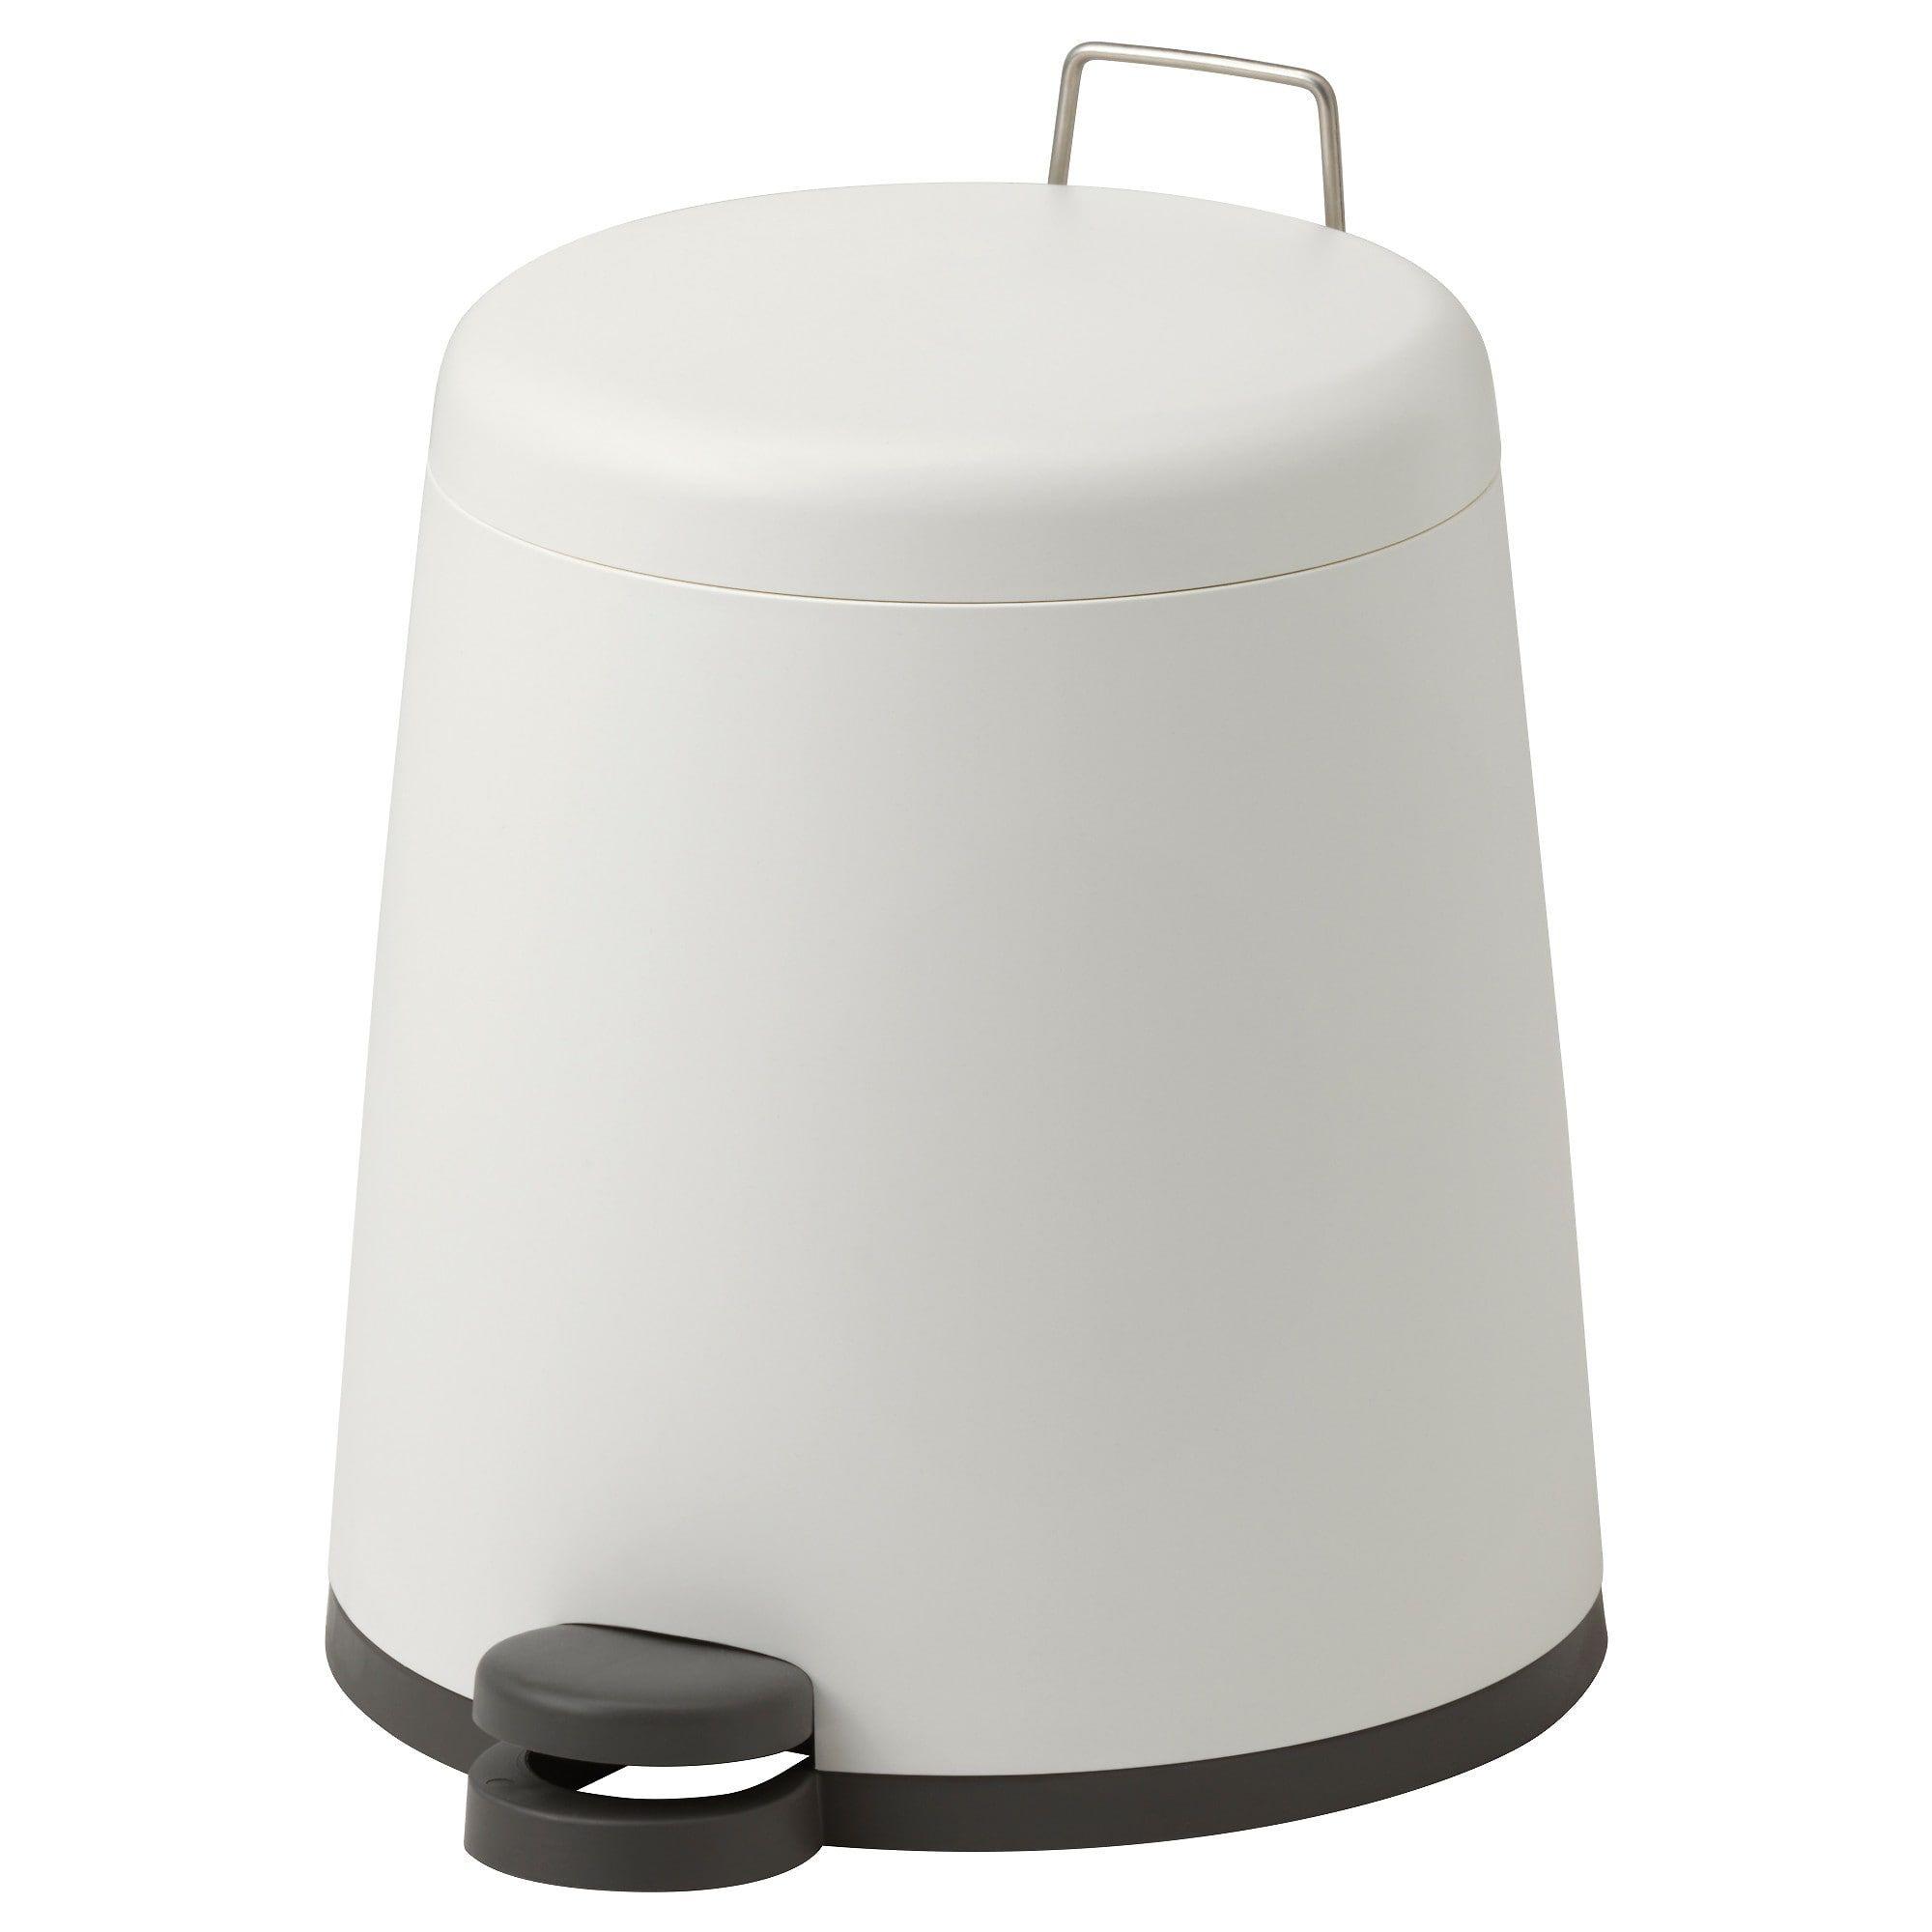 SNÄPP Treteimer weiß | Products in 2019 | Ikea badezimmer ...